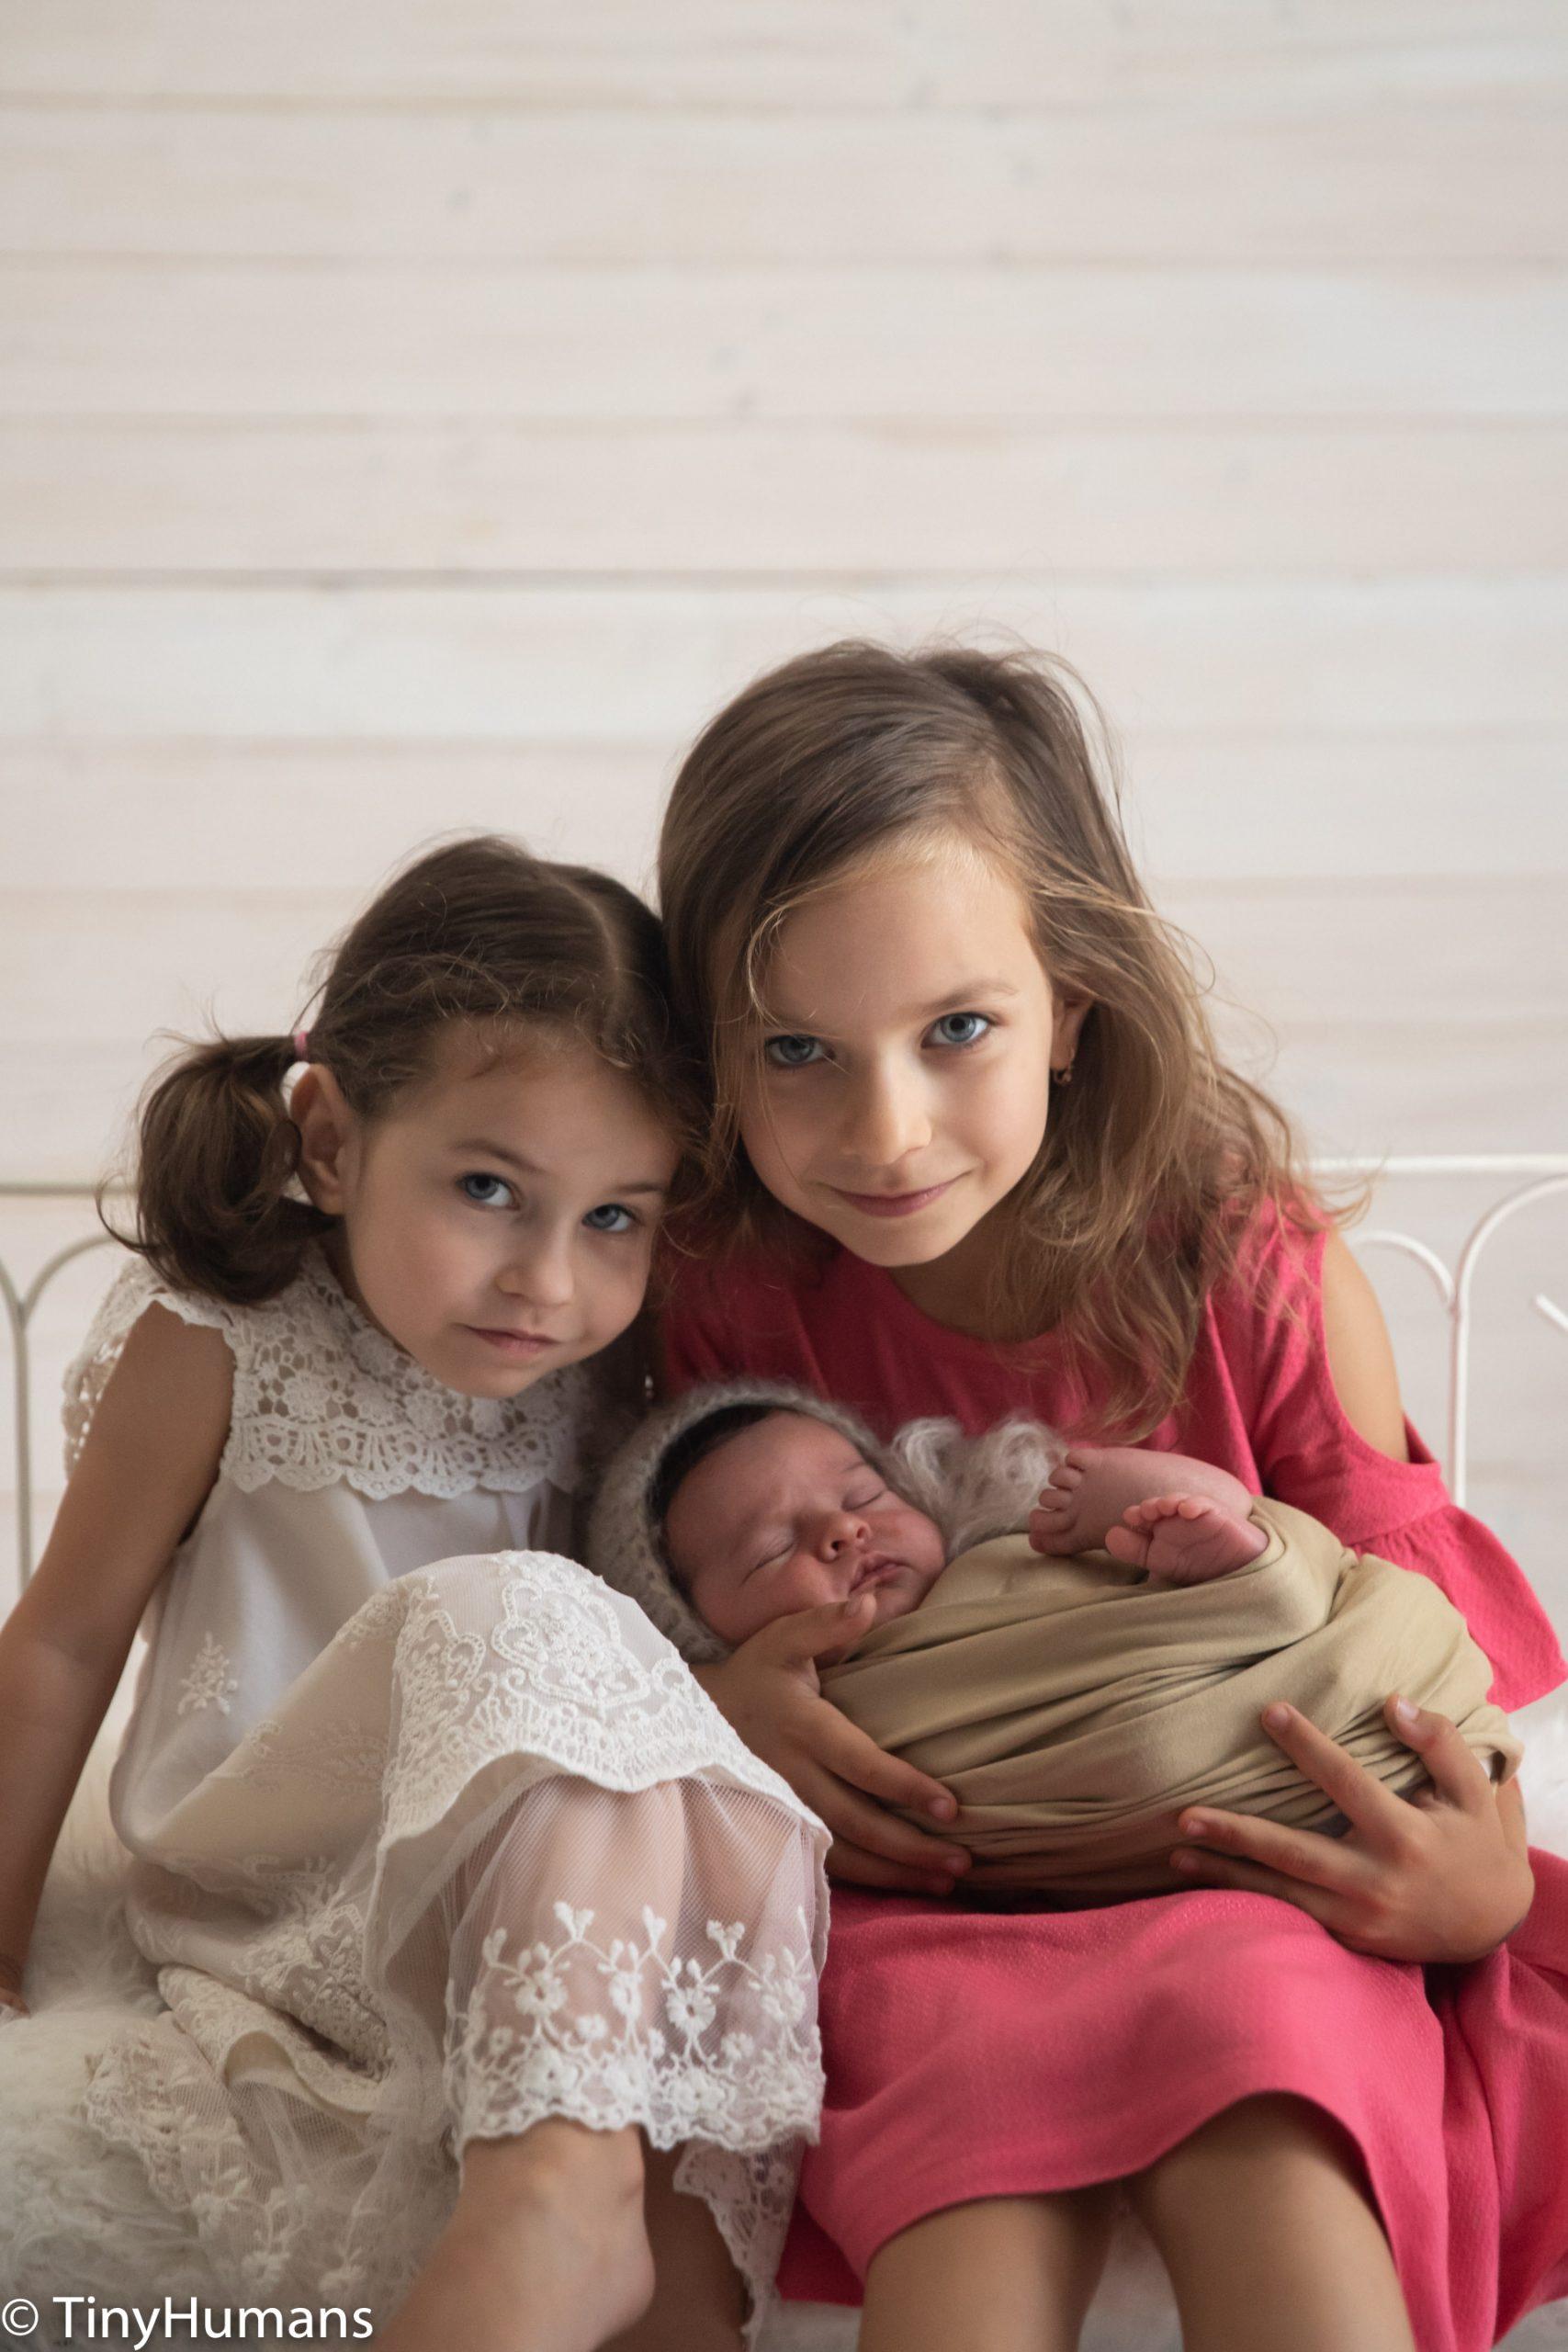 Sleeping newborn with his siblings